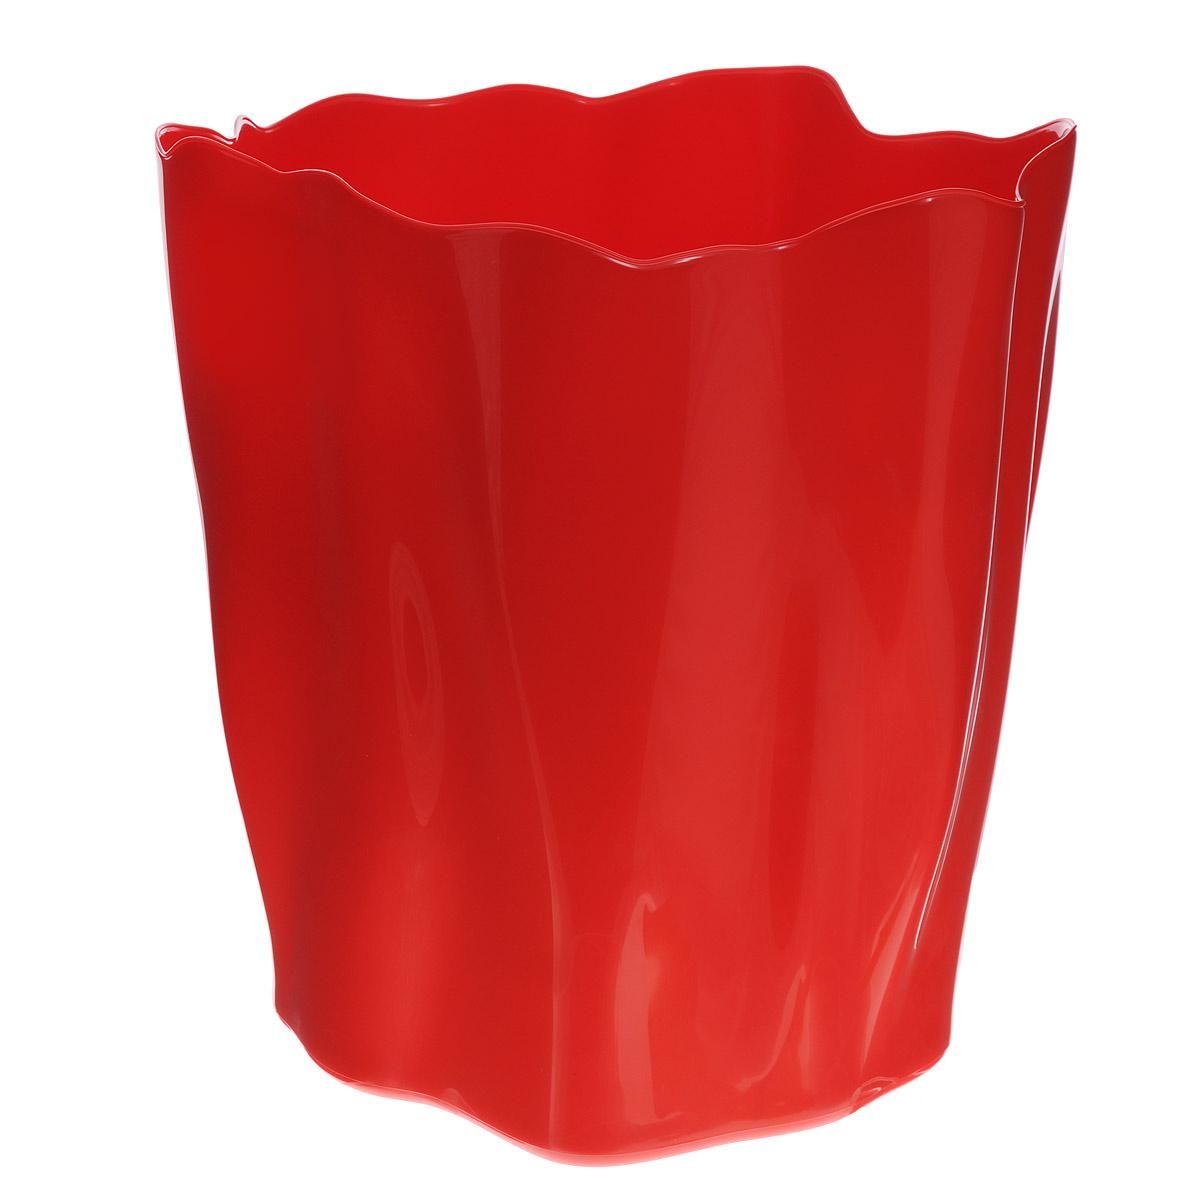 Органайзер Qualy Flow, большой, цвет: красный, диаметр 27 смCLP446Органайзер Qualy Flow может пригодиться на кухне, в ванной, в гостиной, на даче, на природе, в городе, в деревне. В него можно складывать фрукты, овощи, хлеб, кухонные приборы и аксессуары, всевозможные баночки, можно использовать органайзер как мусорную корзину, вазу. Все зависит от вашей фантазии и от хозяйственных потребностей! Пластиковый оригинальный органайзер пригодится везде!Диаметр: 27 см.Высота стенки: 28 см.